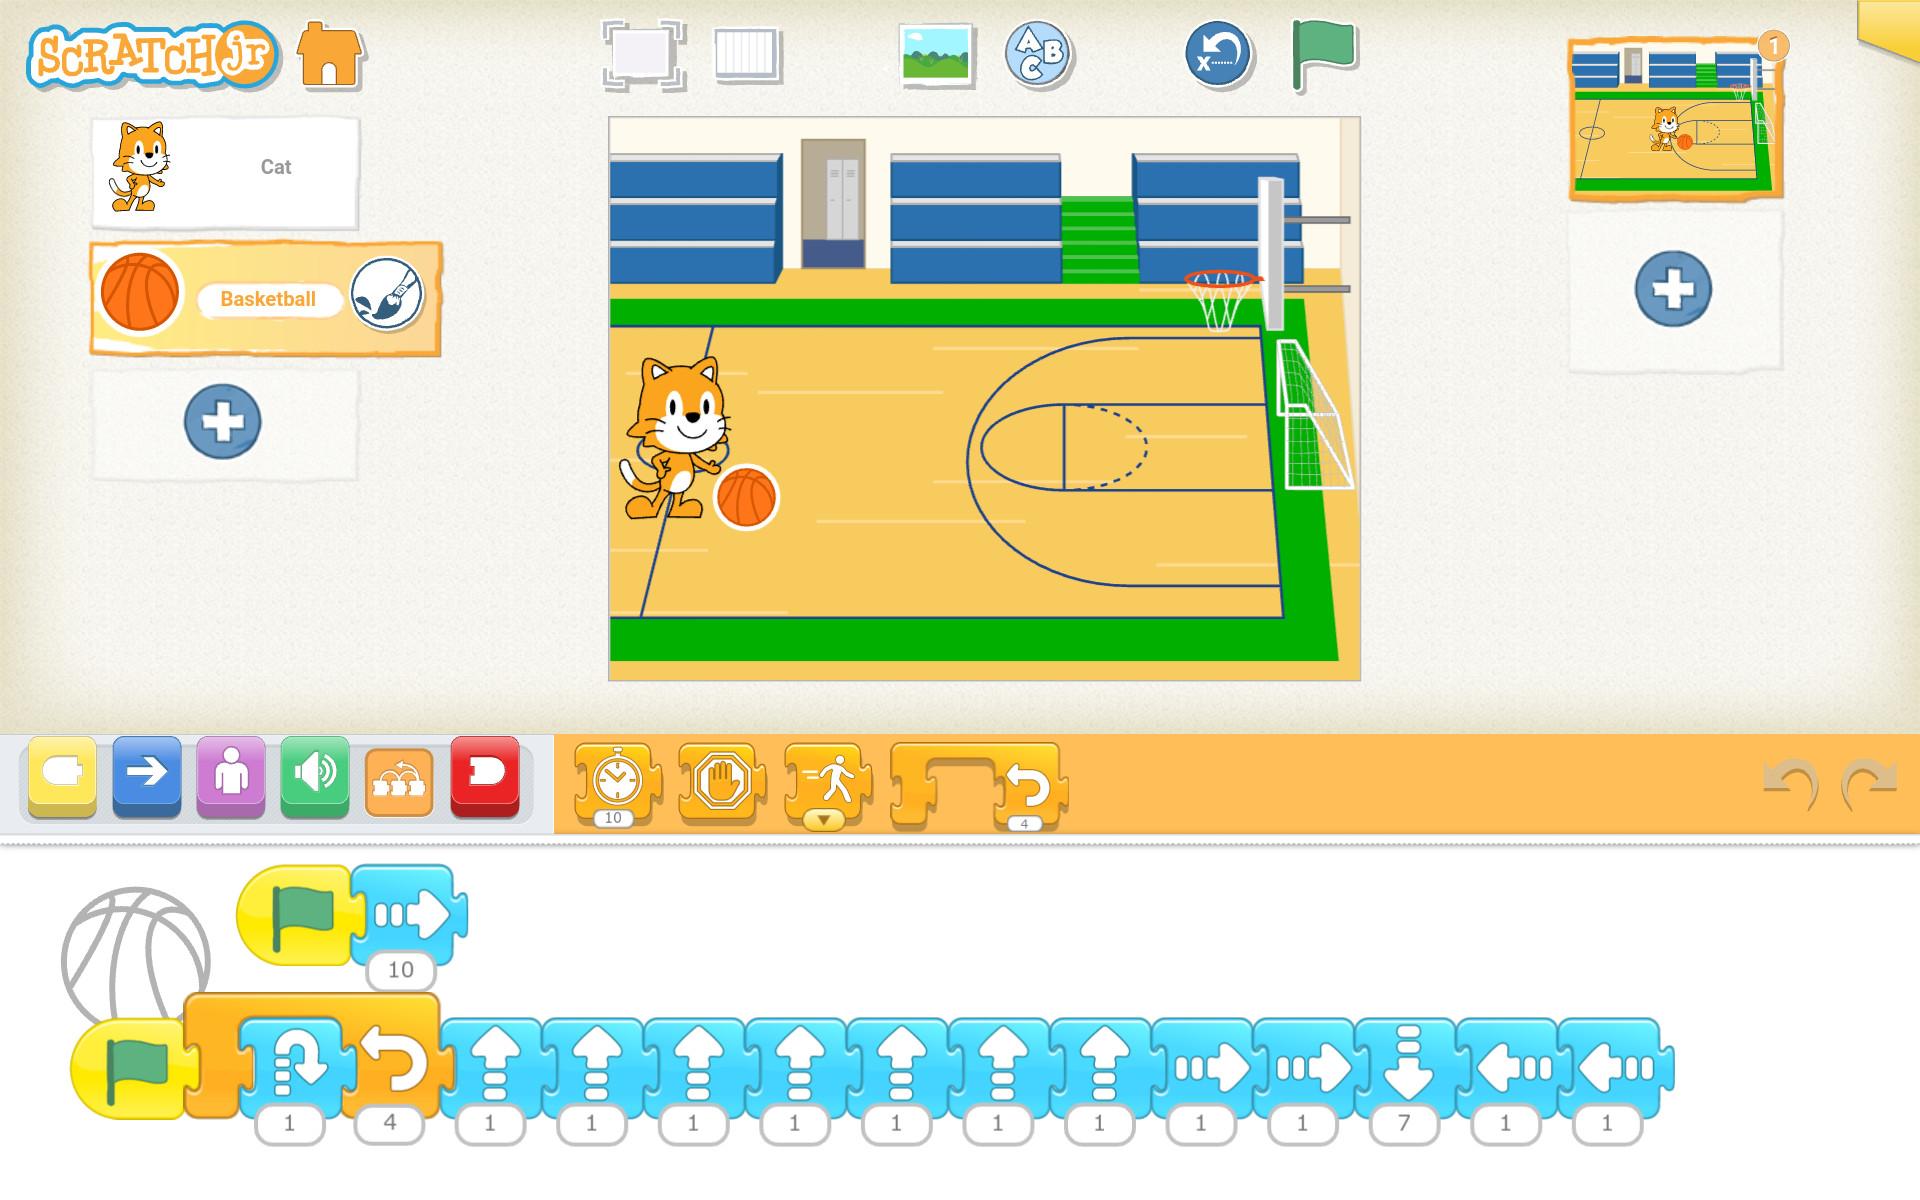 Basketbalový projekt v ScratchJr, ktorý animuje driblovanie loptou